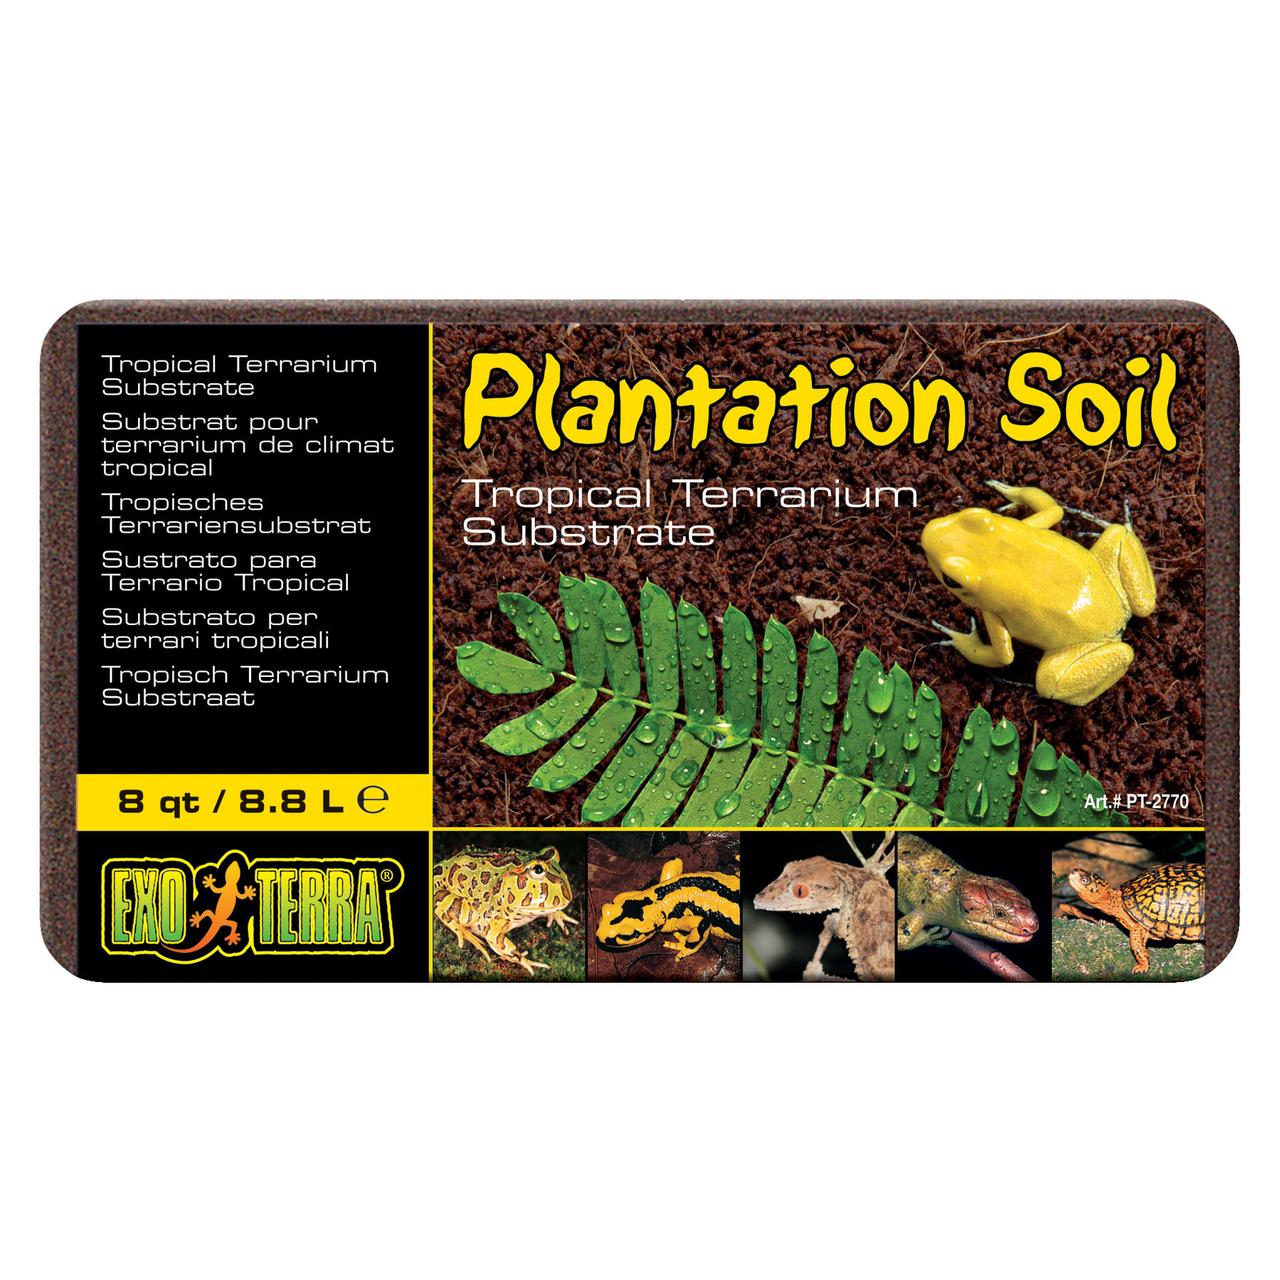 Наполнитель для террариума Exo Terra «Plantation Soil» 8,8 л (кокосовый субстрат)